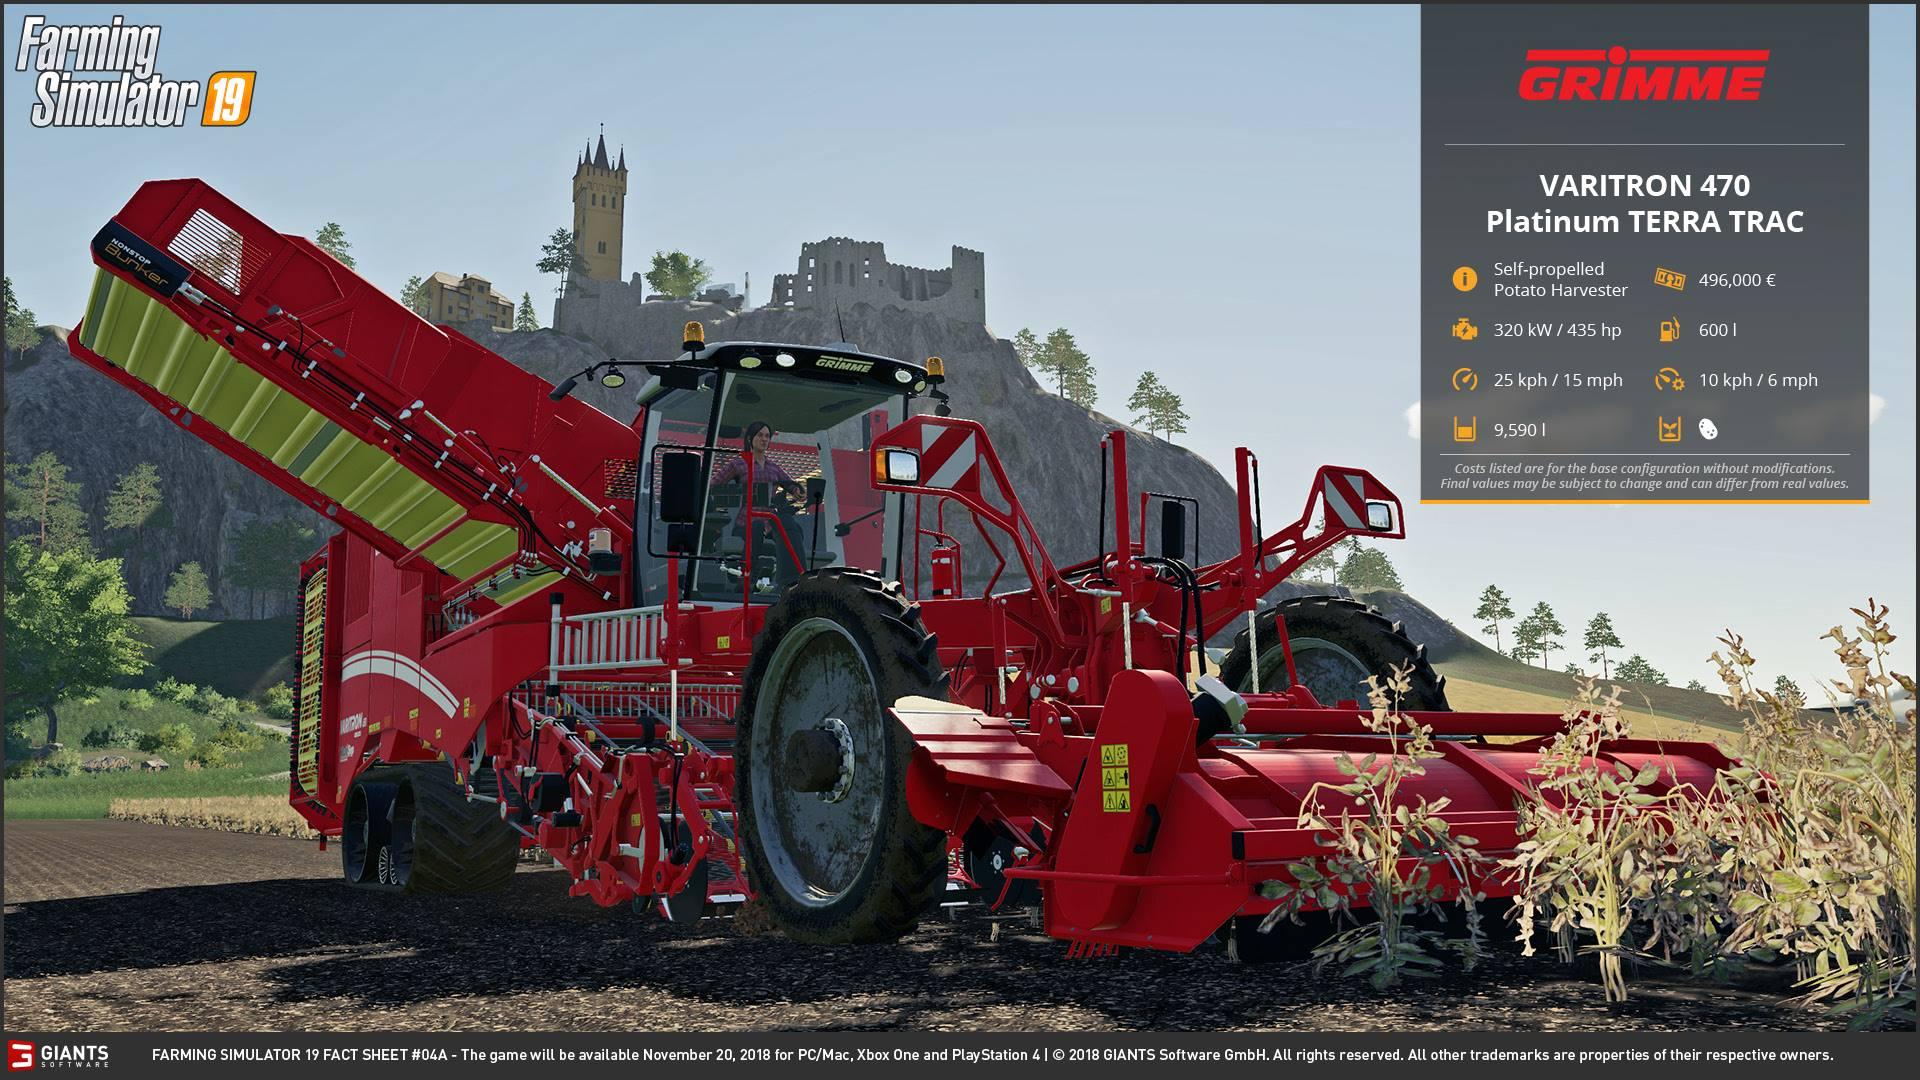 Farming Simulator 19 - New Vehicles - Farming Simulator 19